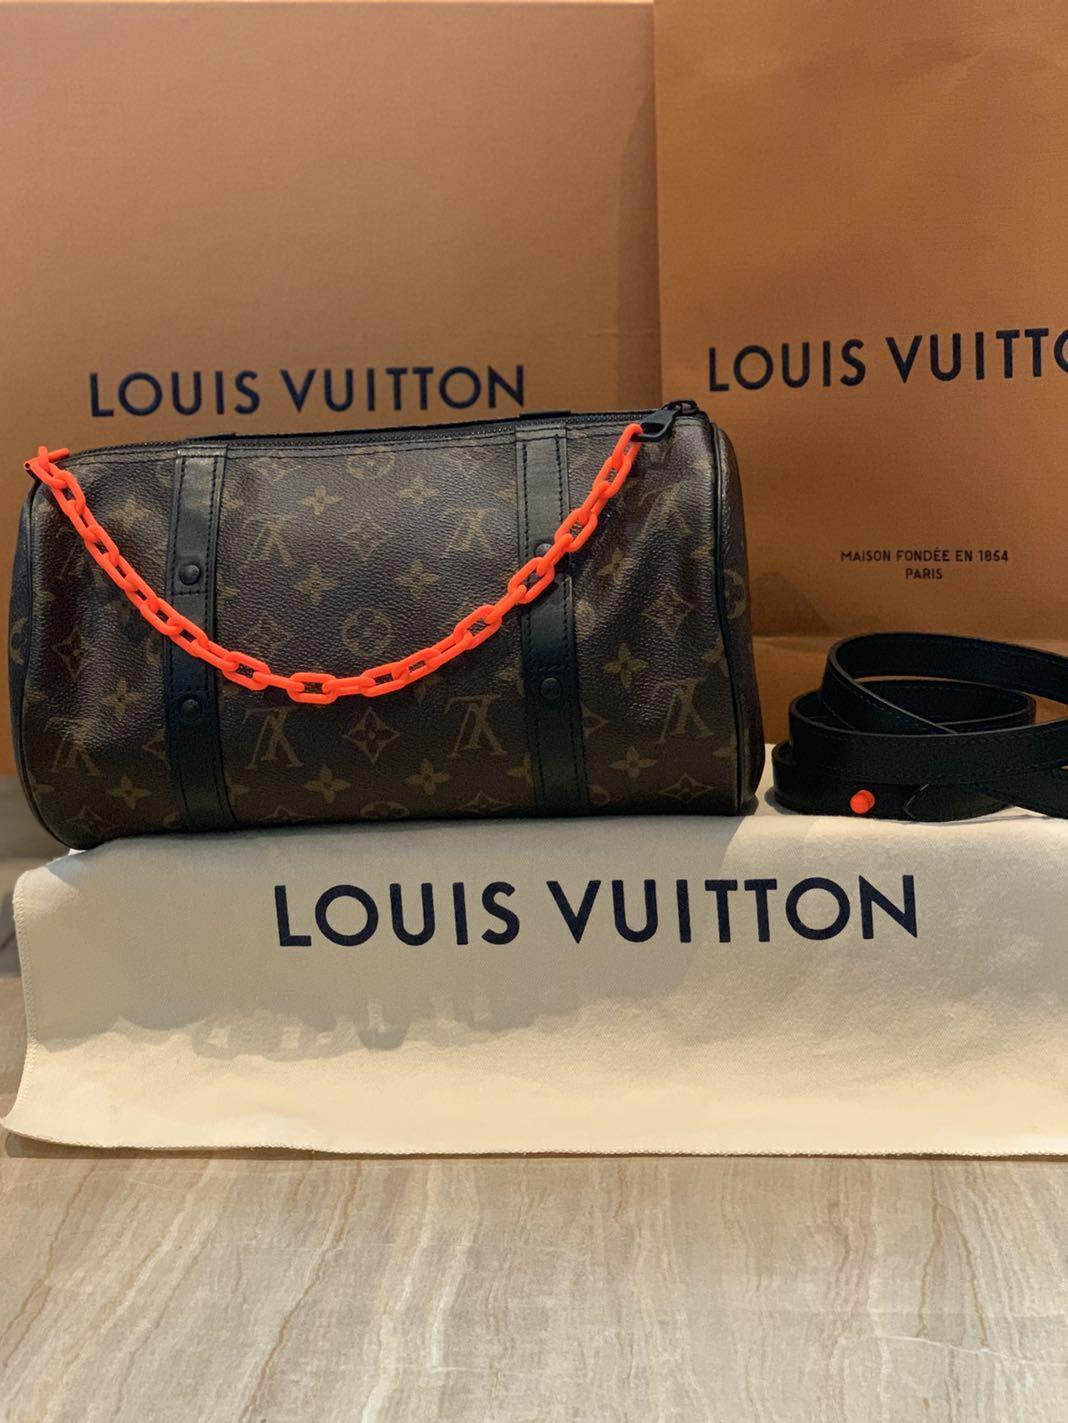 afc6b5a4822 Louis Vuitton Papillon Messenger Virgil Abloh, Luxury, Bags ...